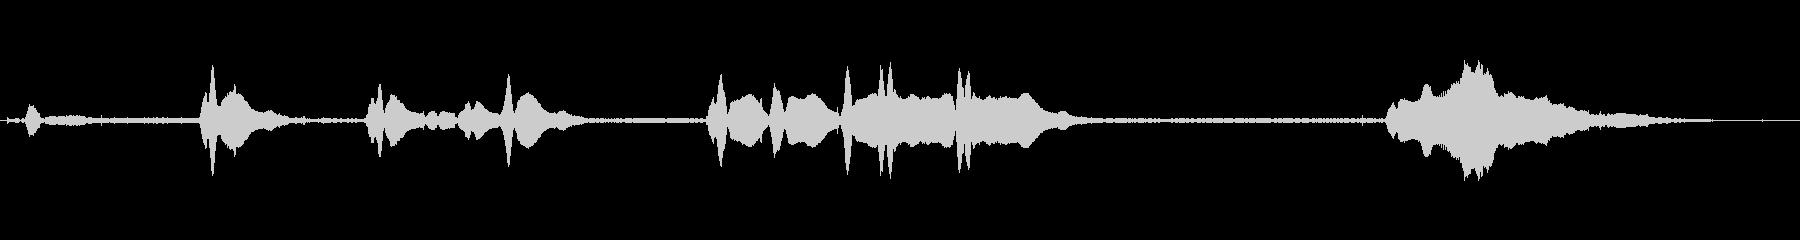 インテグラスタート、複数回転、アイ...の未再生の波形